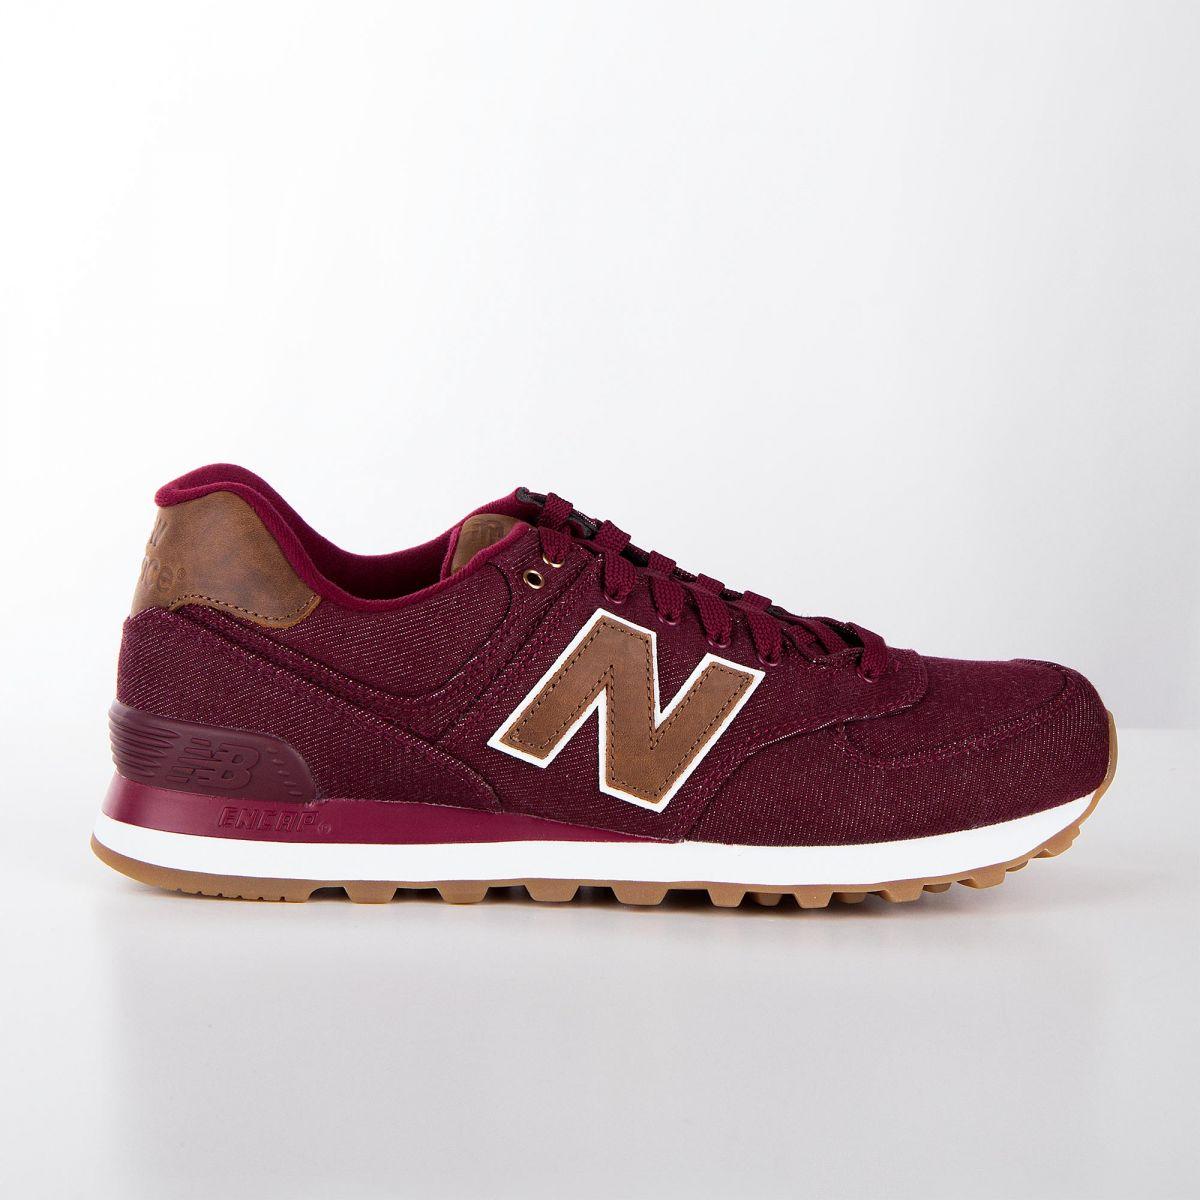 acheter pas cher 8f94d 9e771 Baskets sneakers ML574TXD rouge bordeaux homme NEW BALANCE à ...